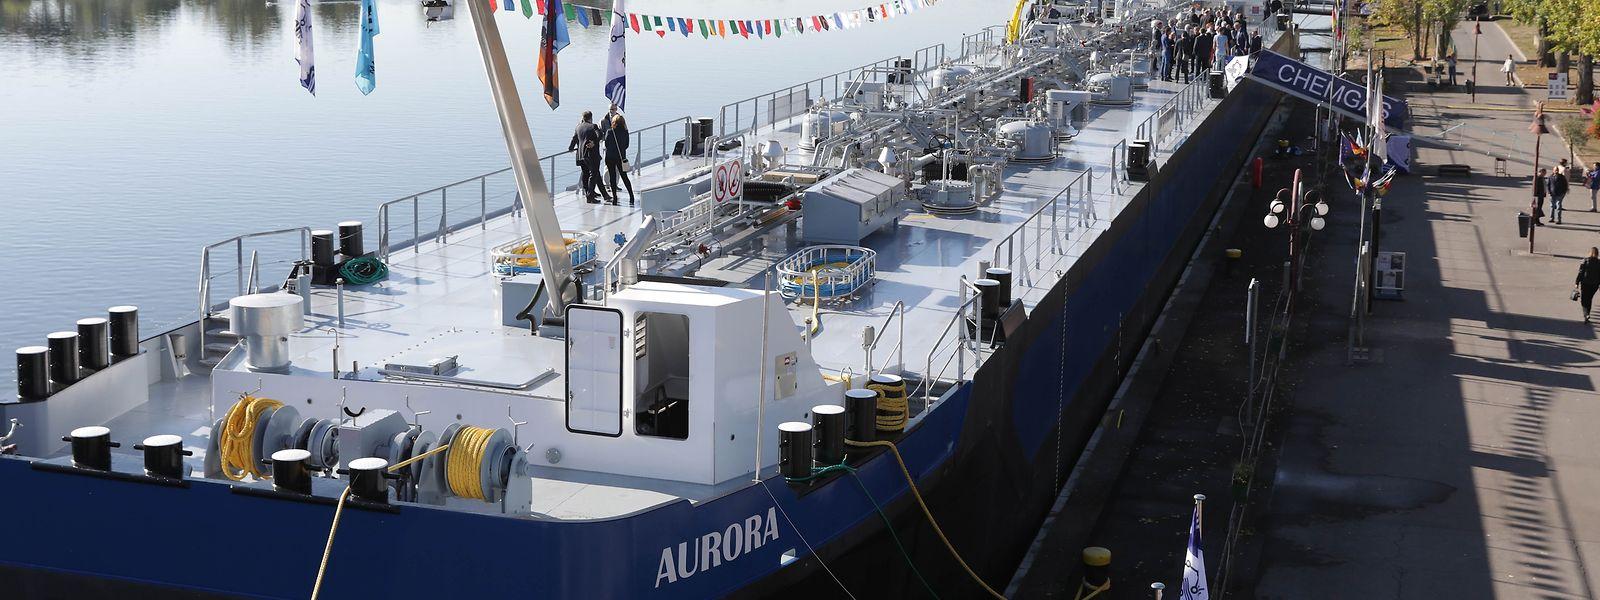 Der Gastankerder der Firma Chemgaz trägt den Namen Aurora.